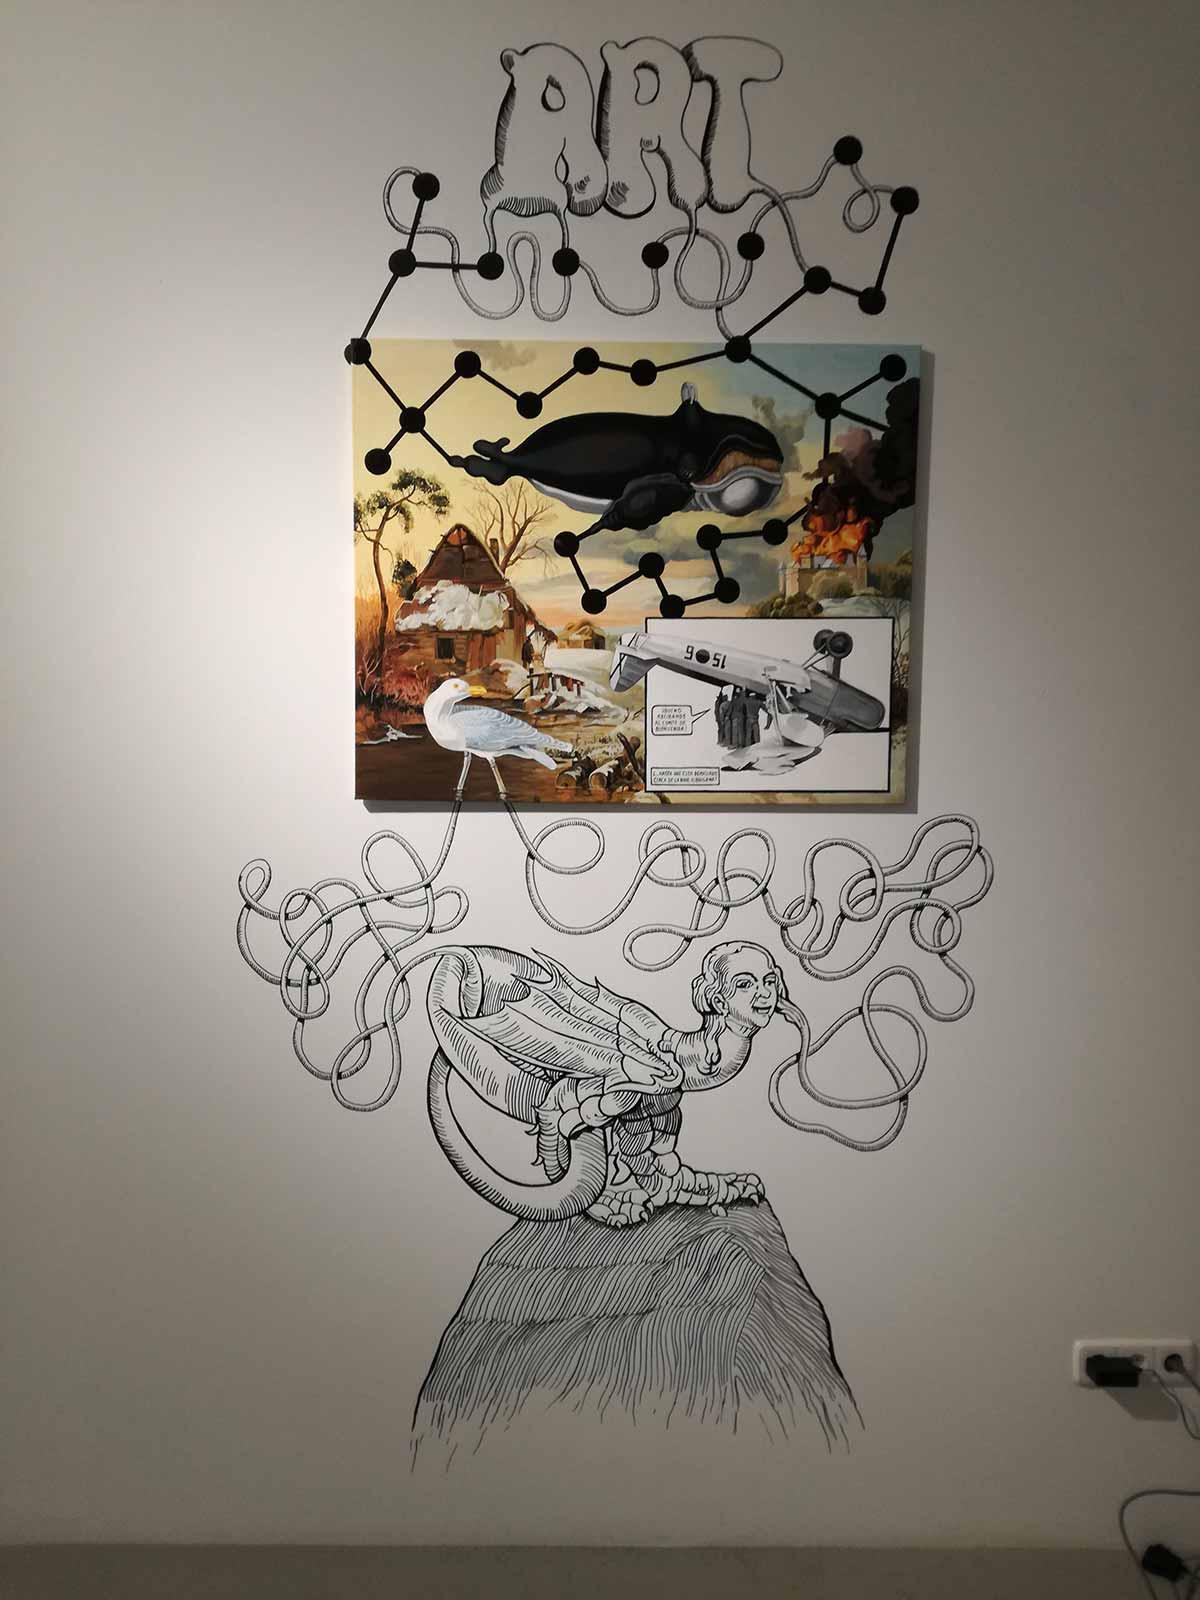 arty, abstract, arts, canvas, artgram, digital artwork, digital artist graphics,